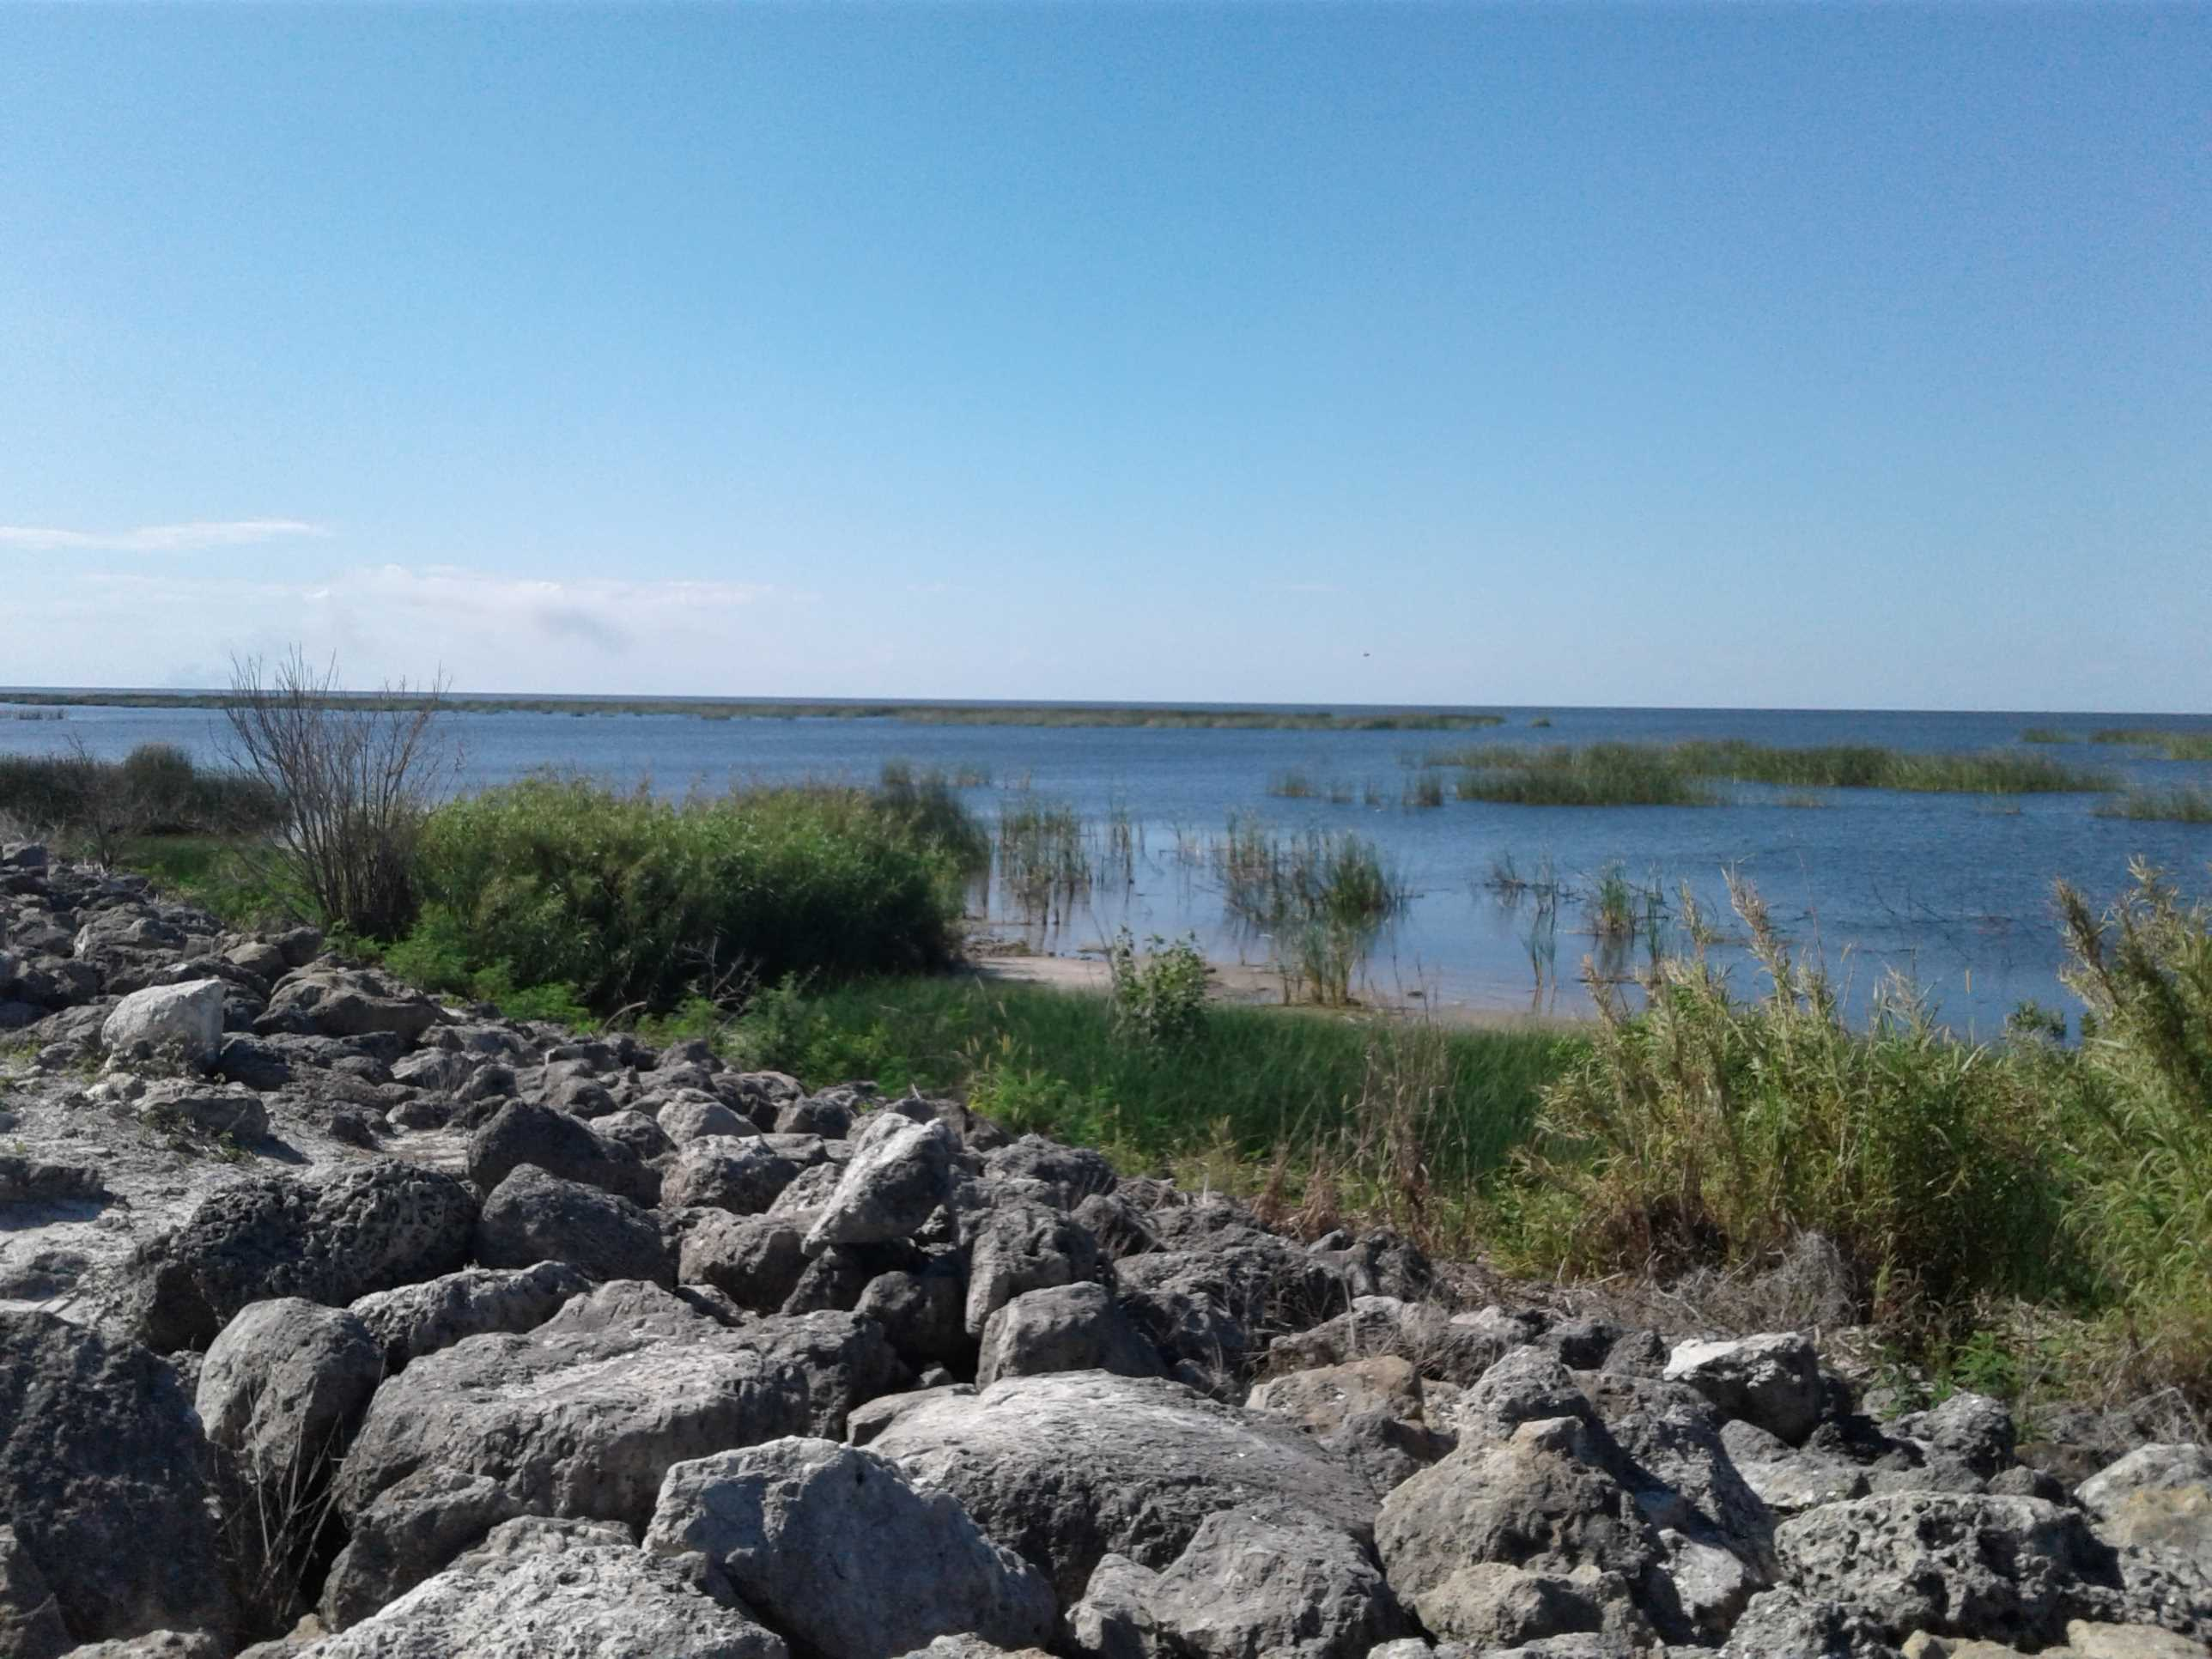 View of Lake Okeechobee